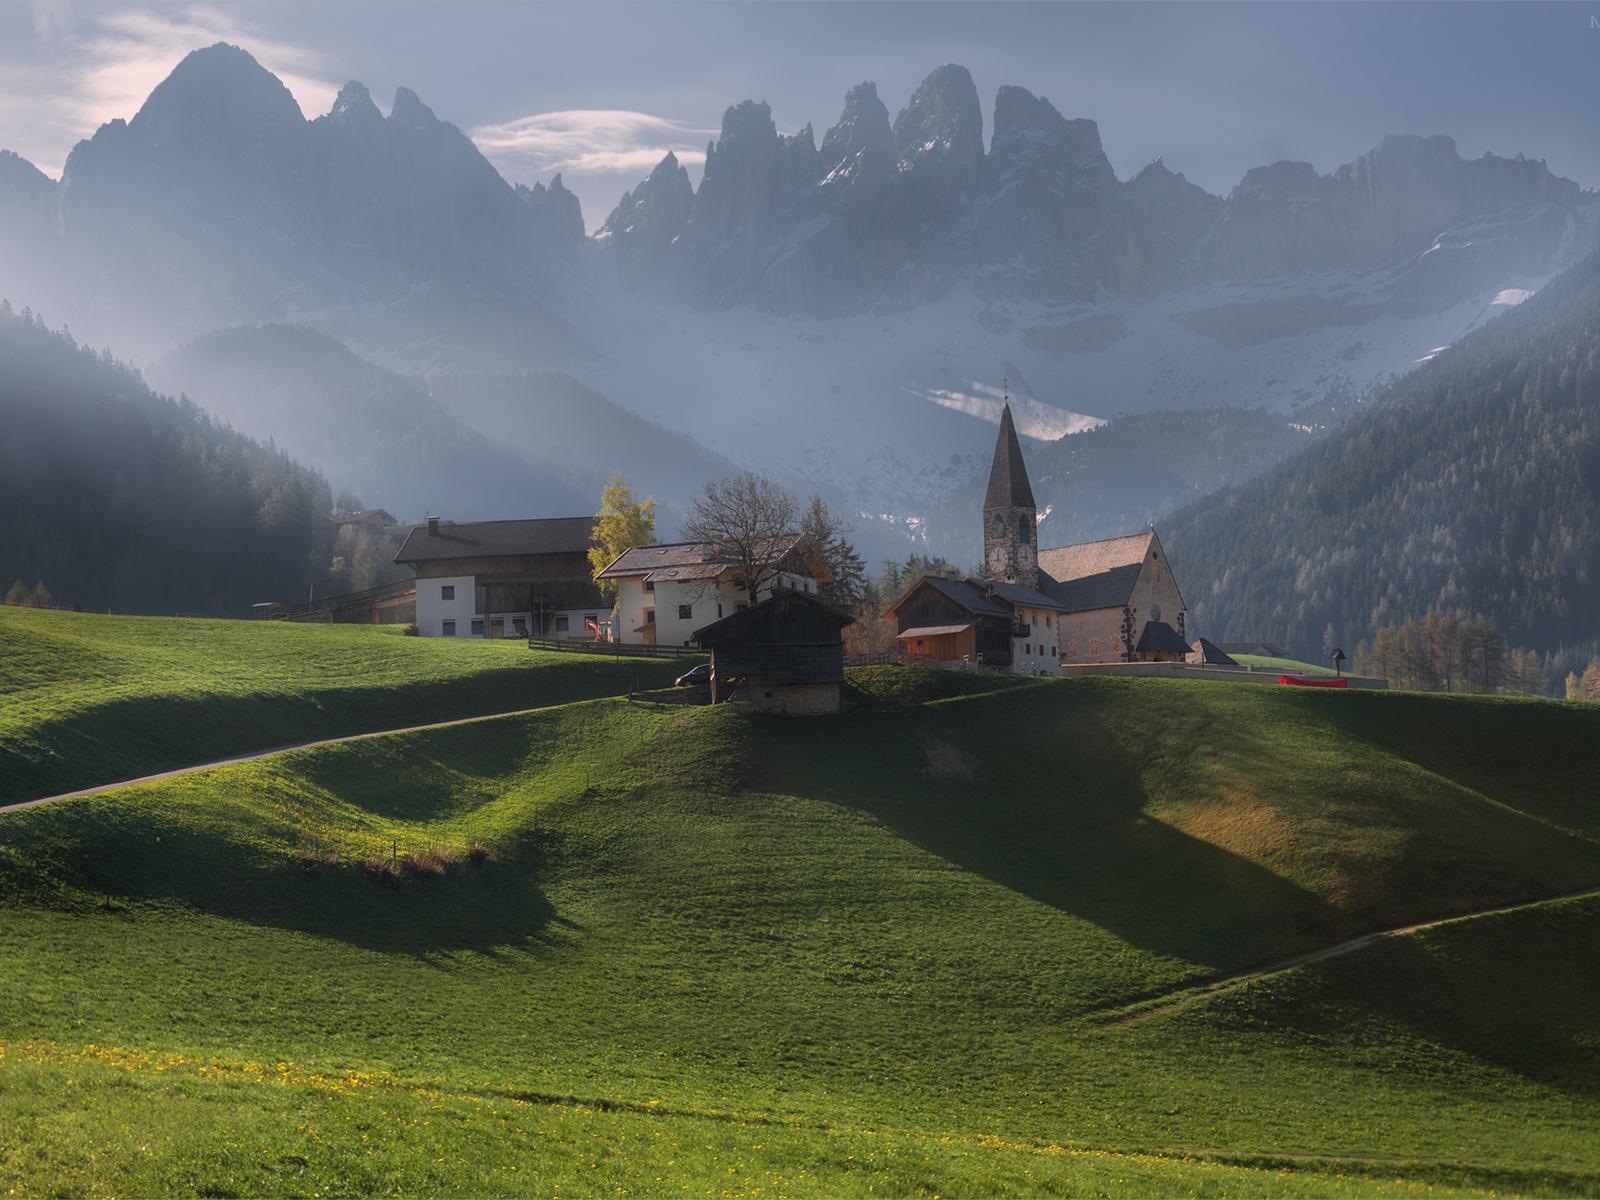 италия, природа, пейзаж, горы, доломиты, церковь, дома, туман